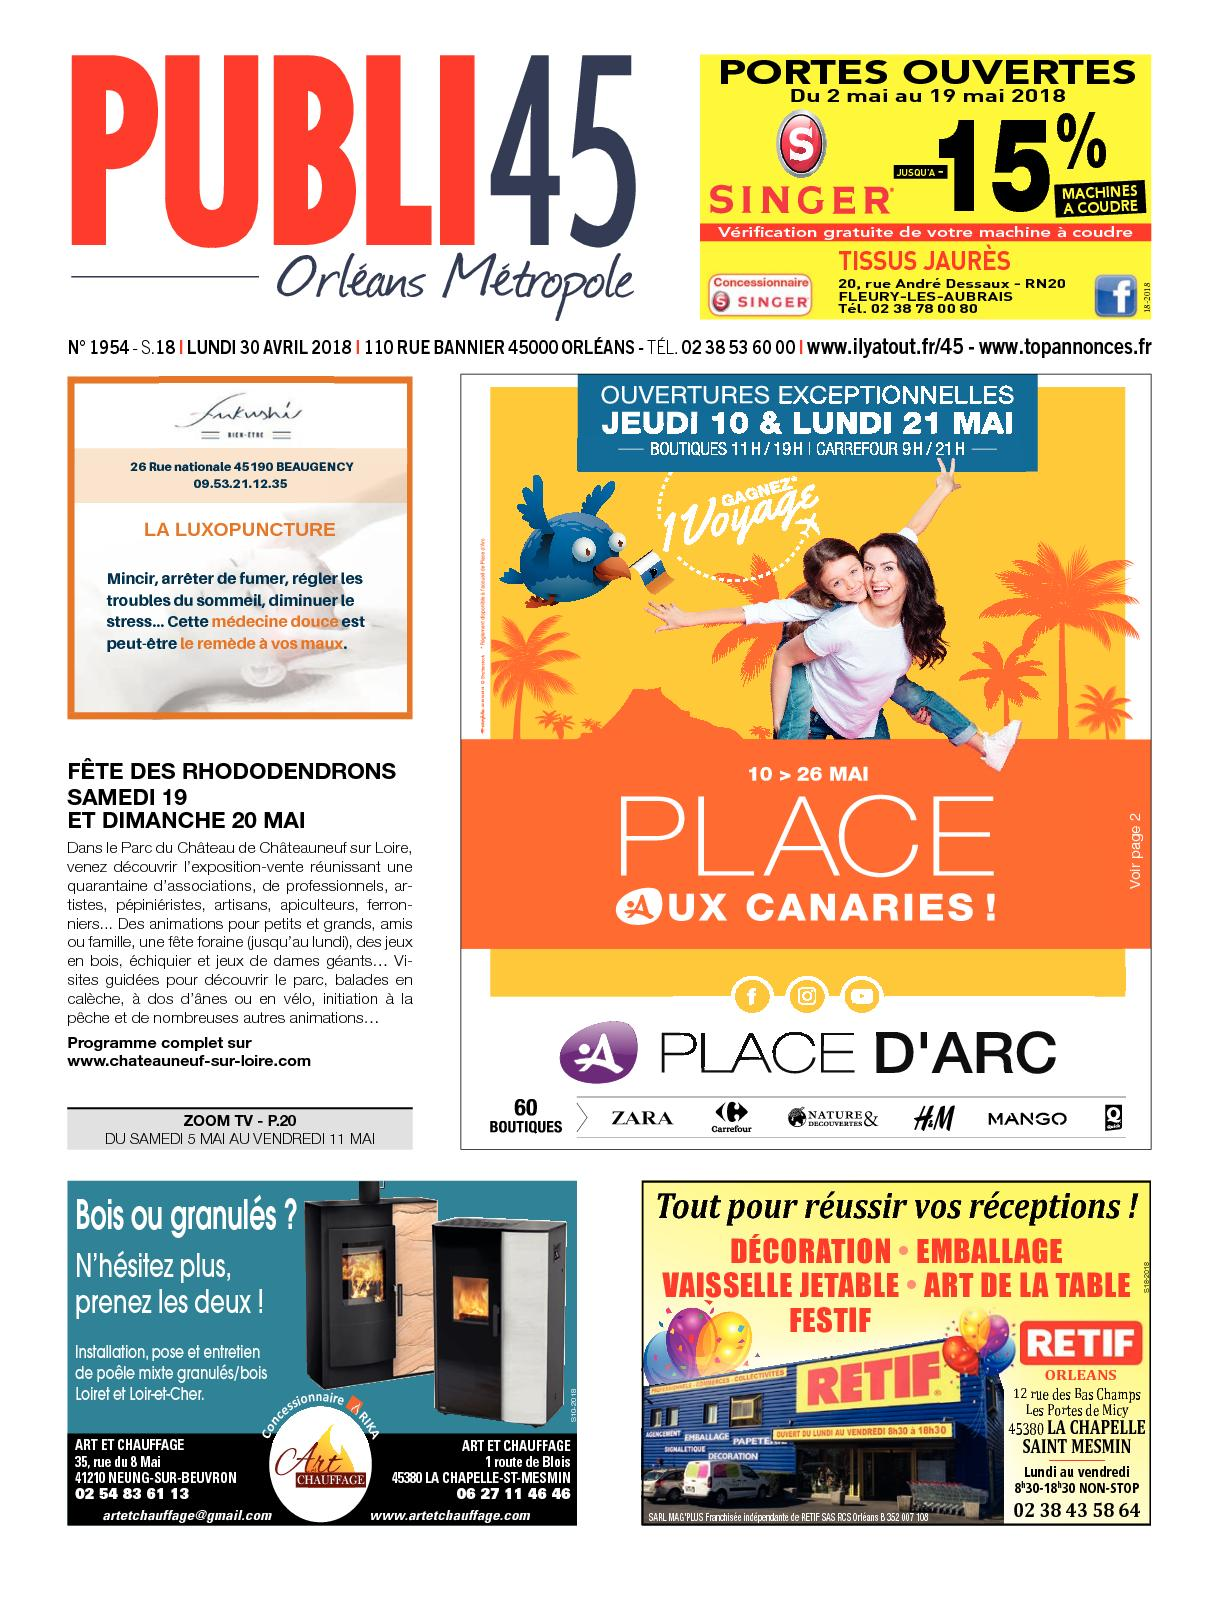 Envia Cuisine Fleury Les Aubrais calaméo - publi 45 182018